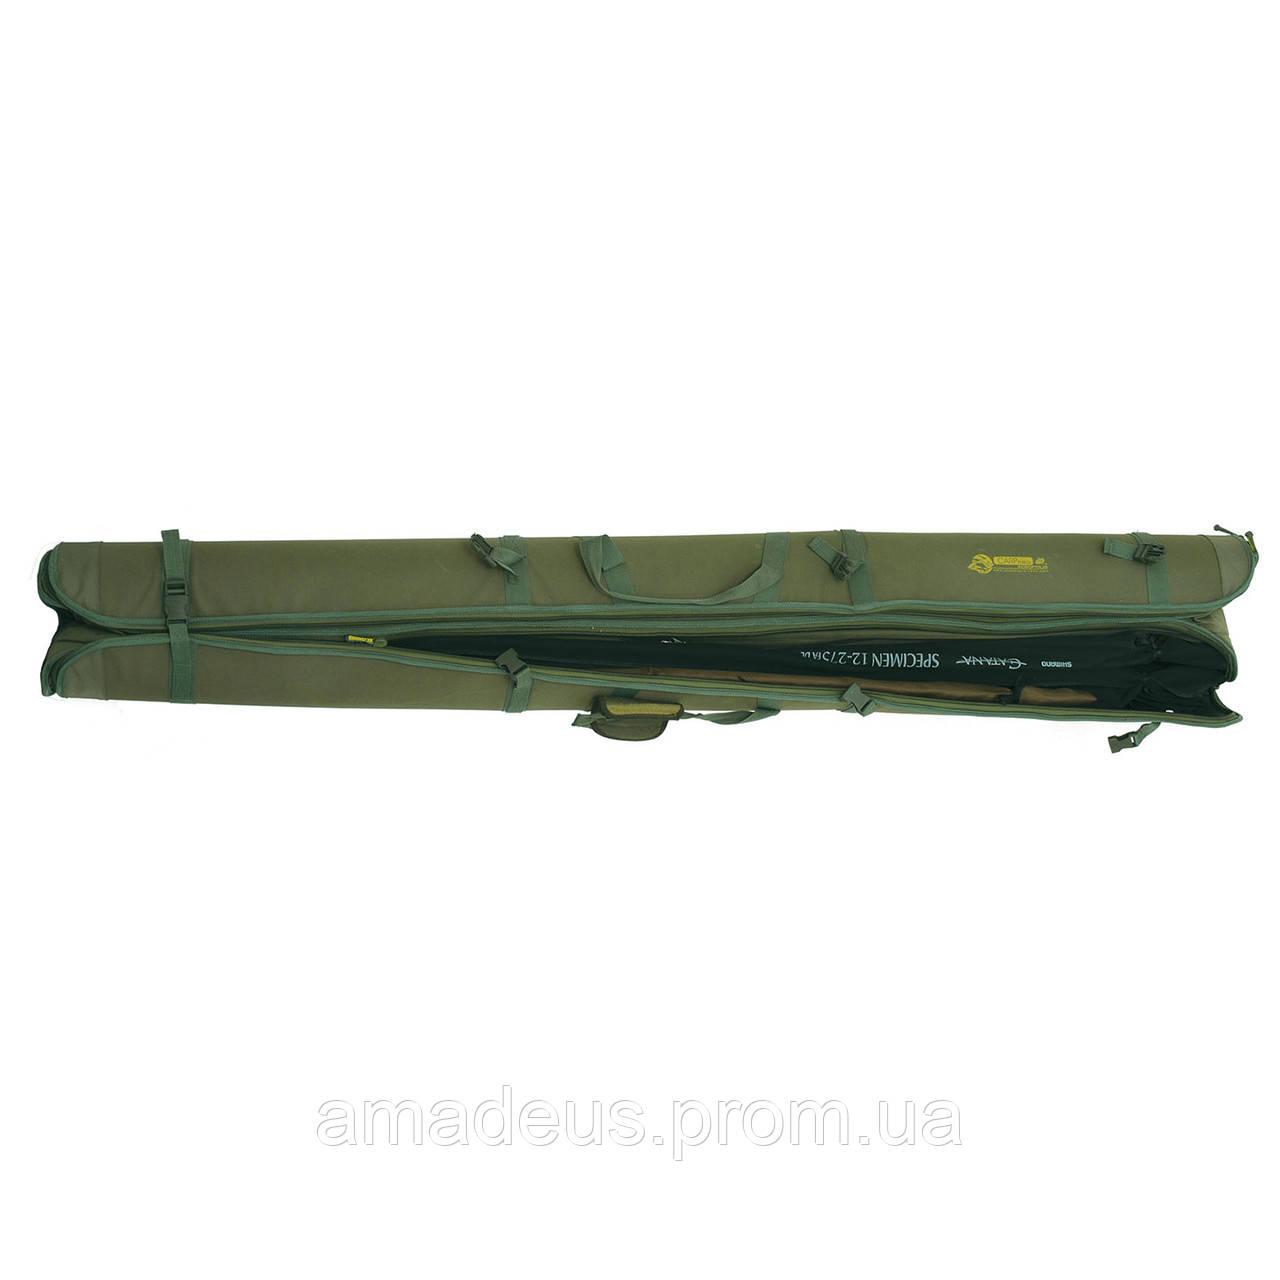 Чехол для спиннингов карповых жесткий (190 см.) КВ-12б